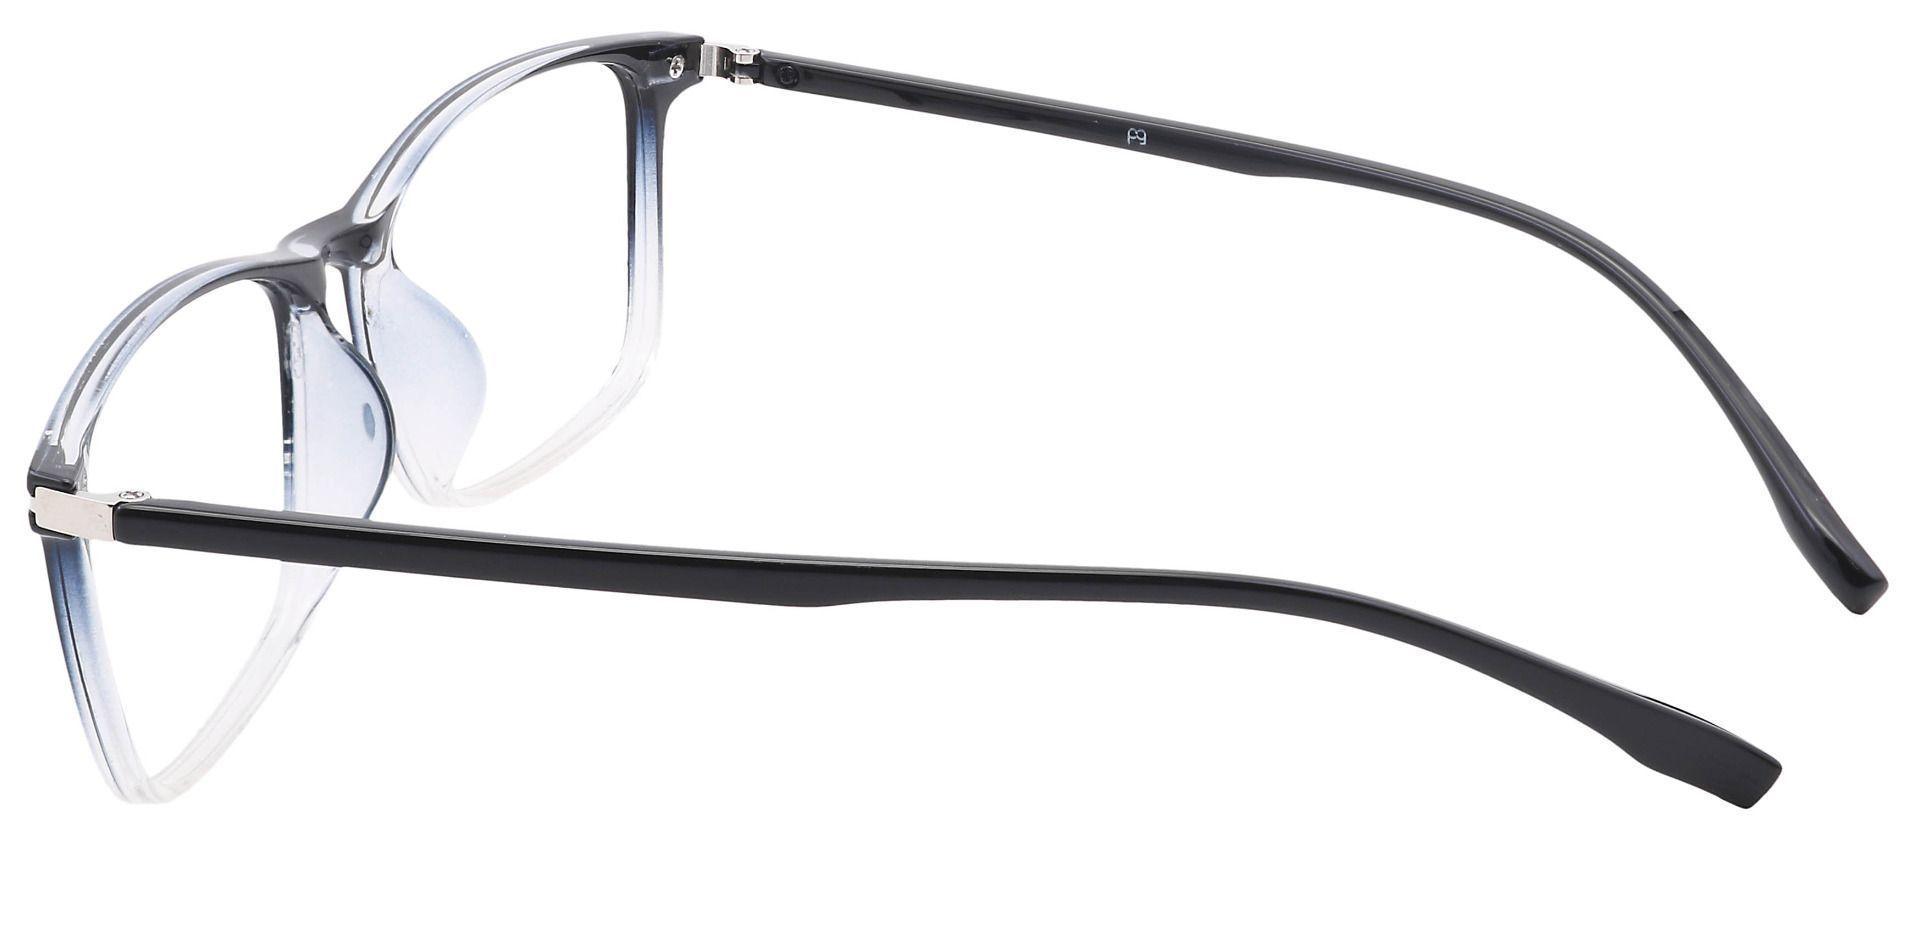 Laine Rectangle Prescription Glasses - Black